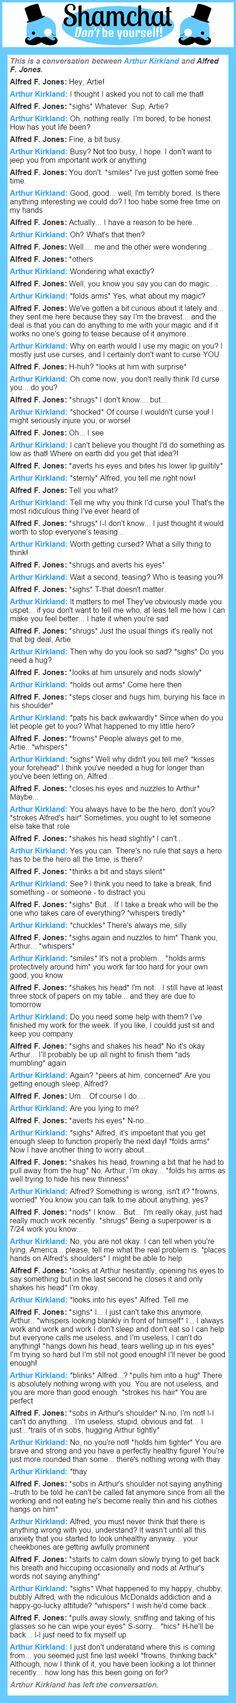 A conversation between Alfred F. Jones and Arthur Kirkland